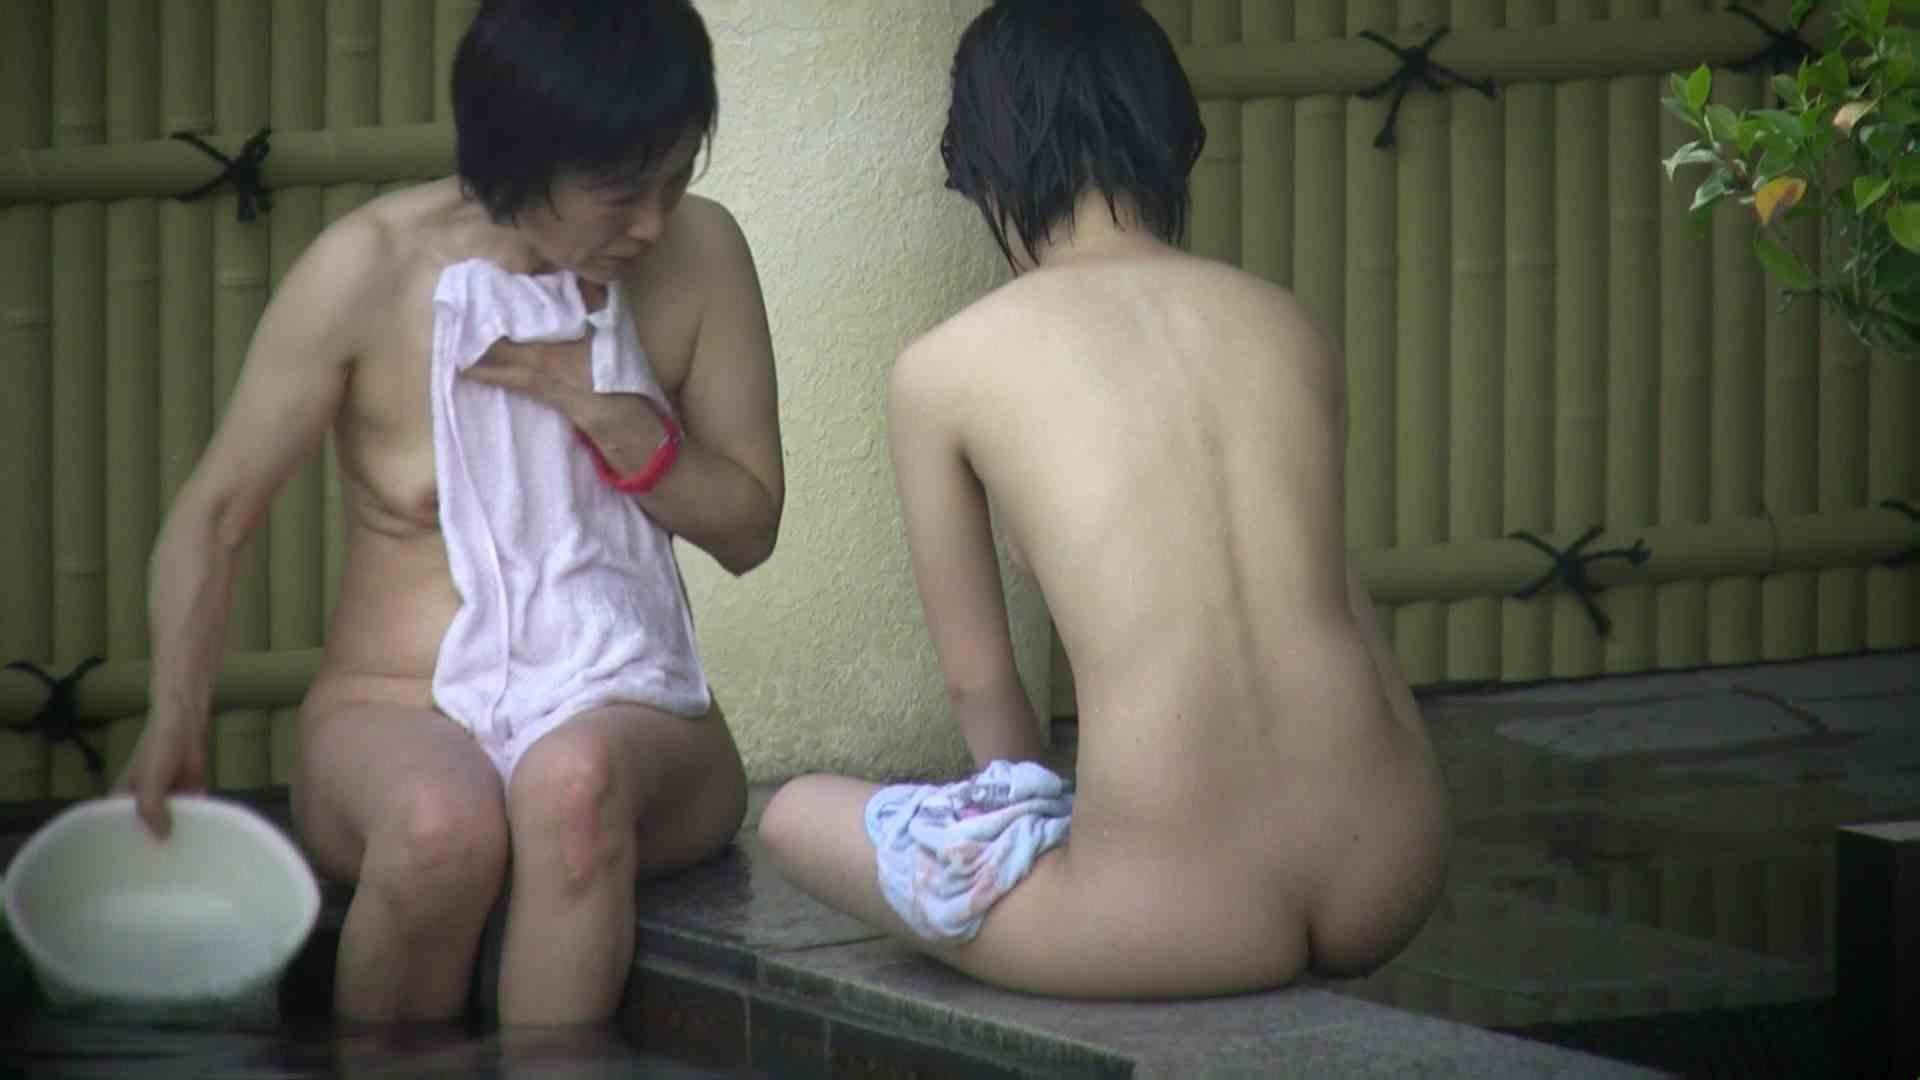 Aquaな露天風呂Vol.06【VIP】 OLセックス のぞきおめこ無修正画像 83画像 5